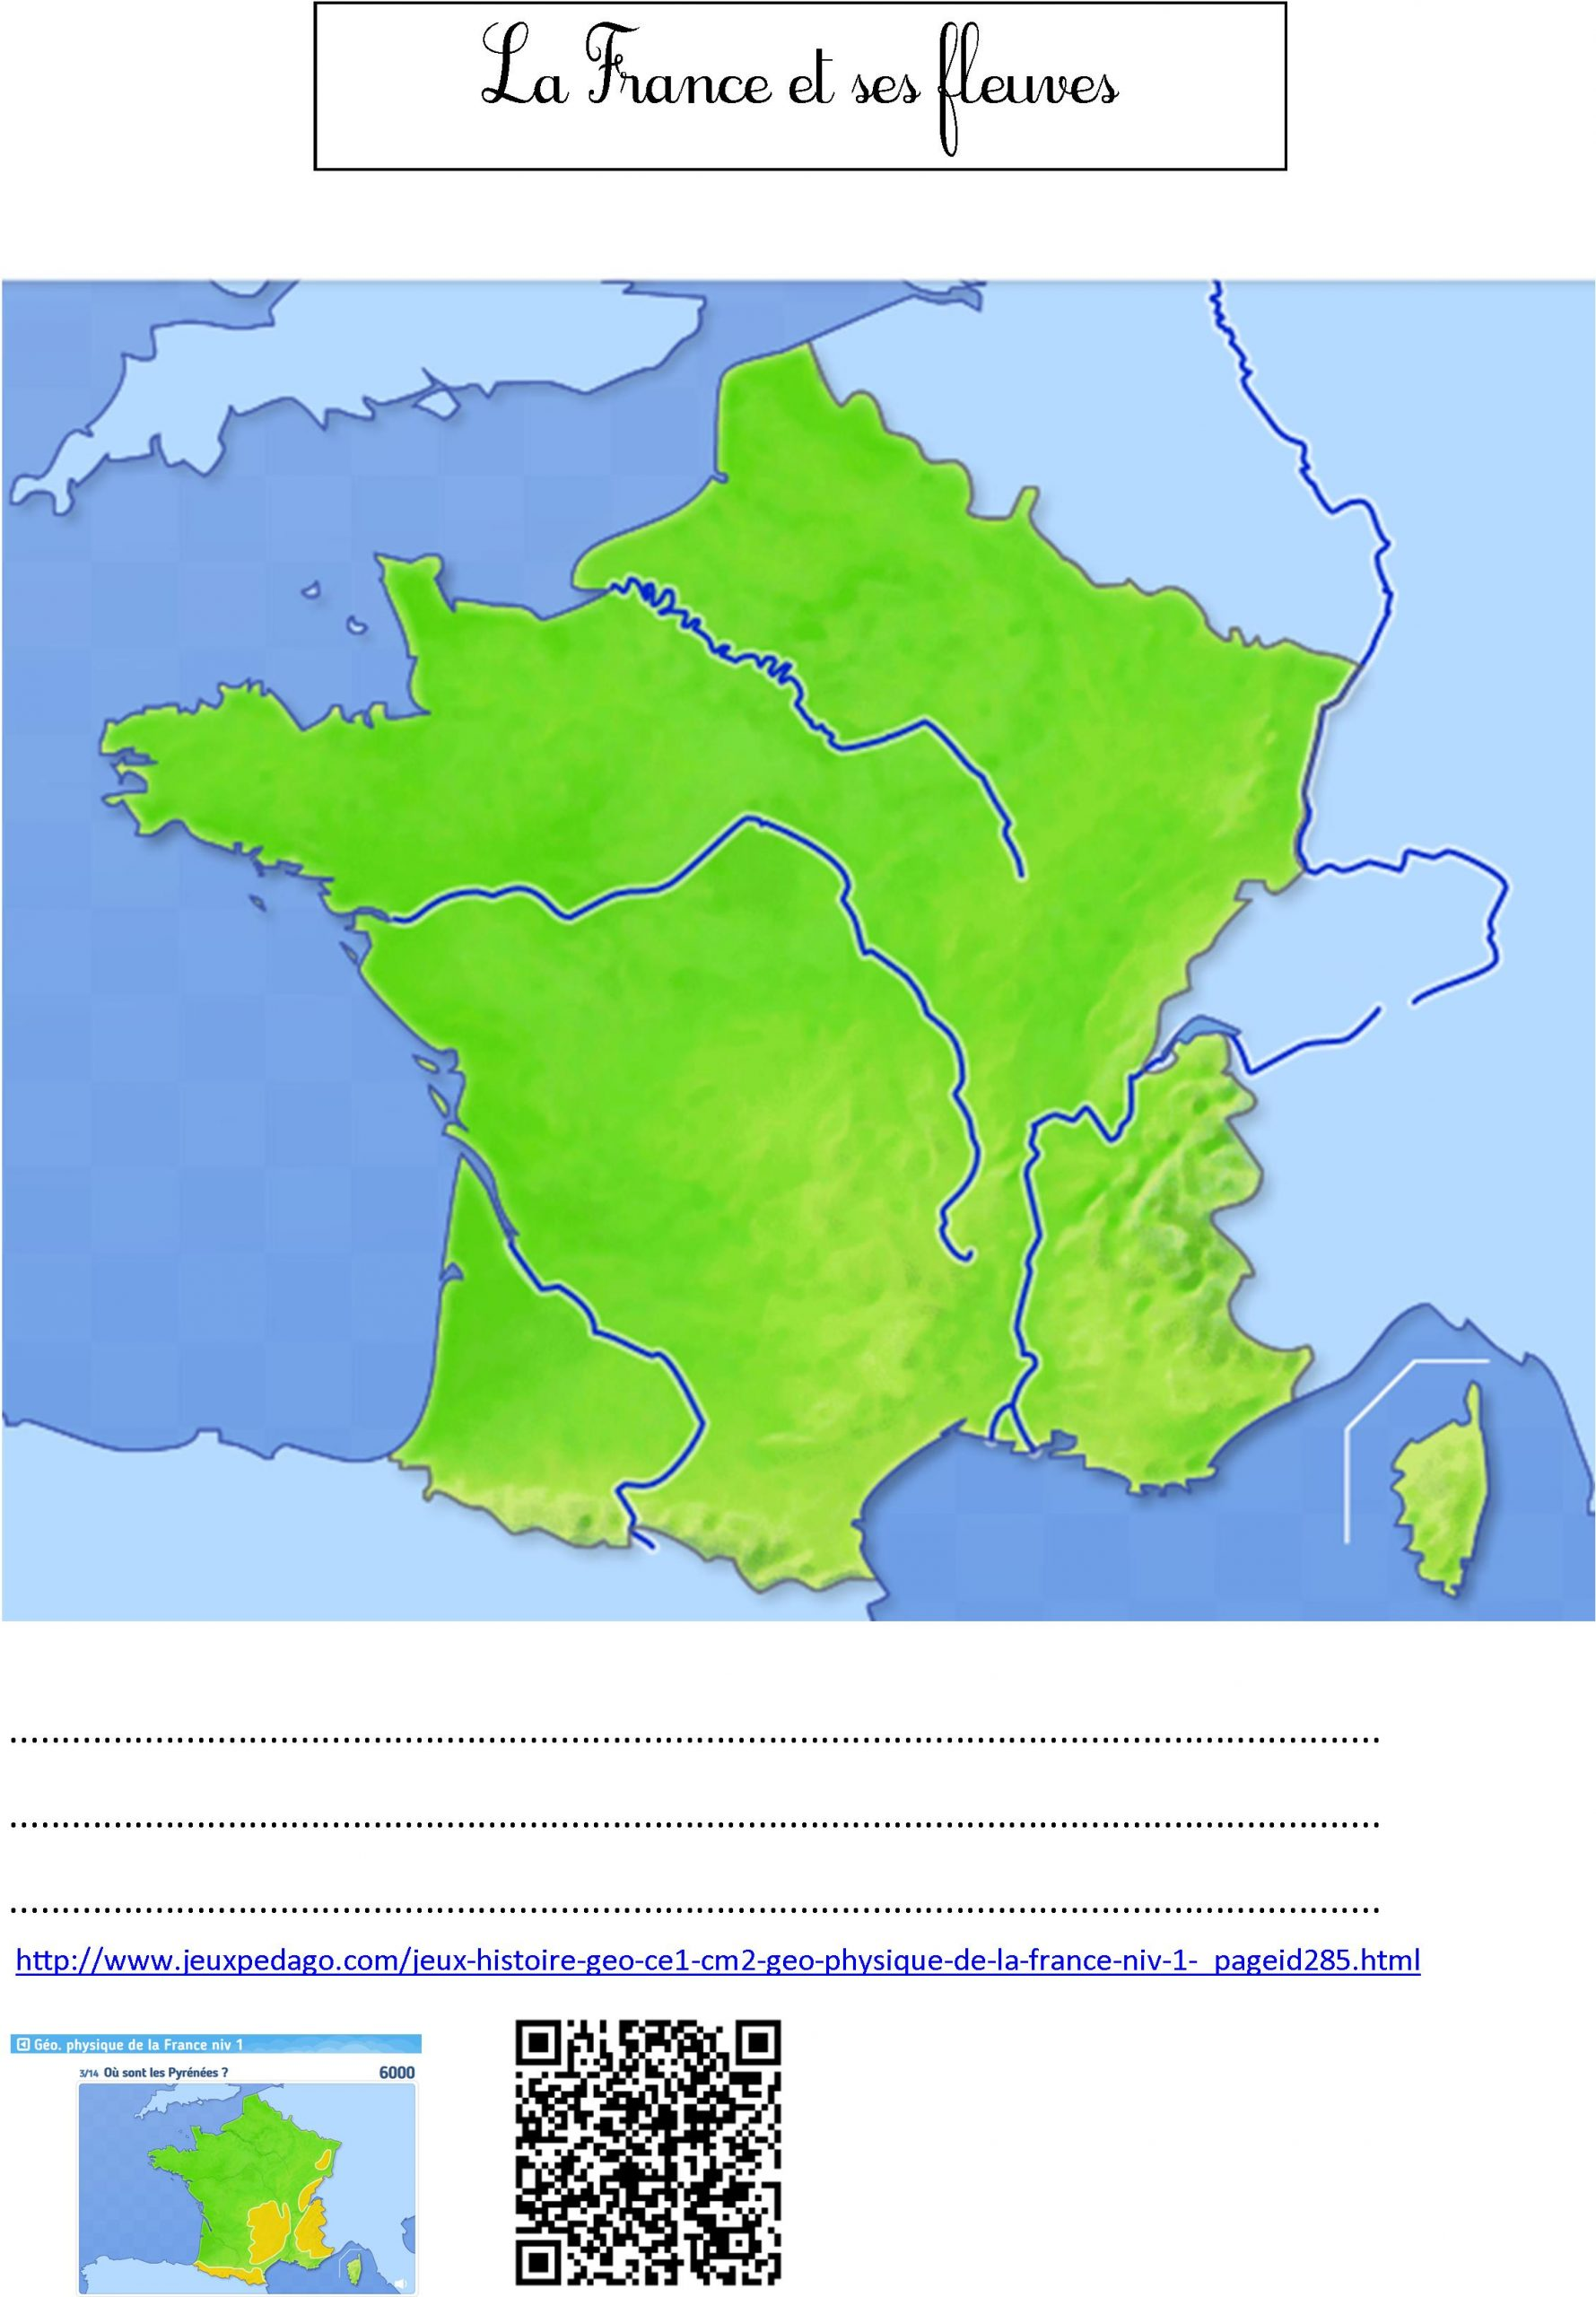 Fleuves De France   Le Blog De Monsieur Mathieu avec Carte De France Ce1